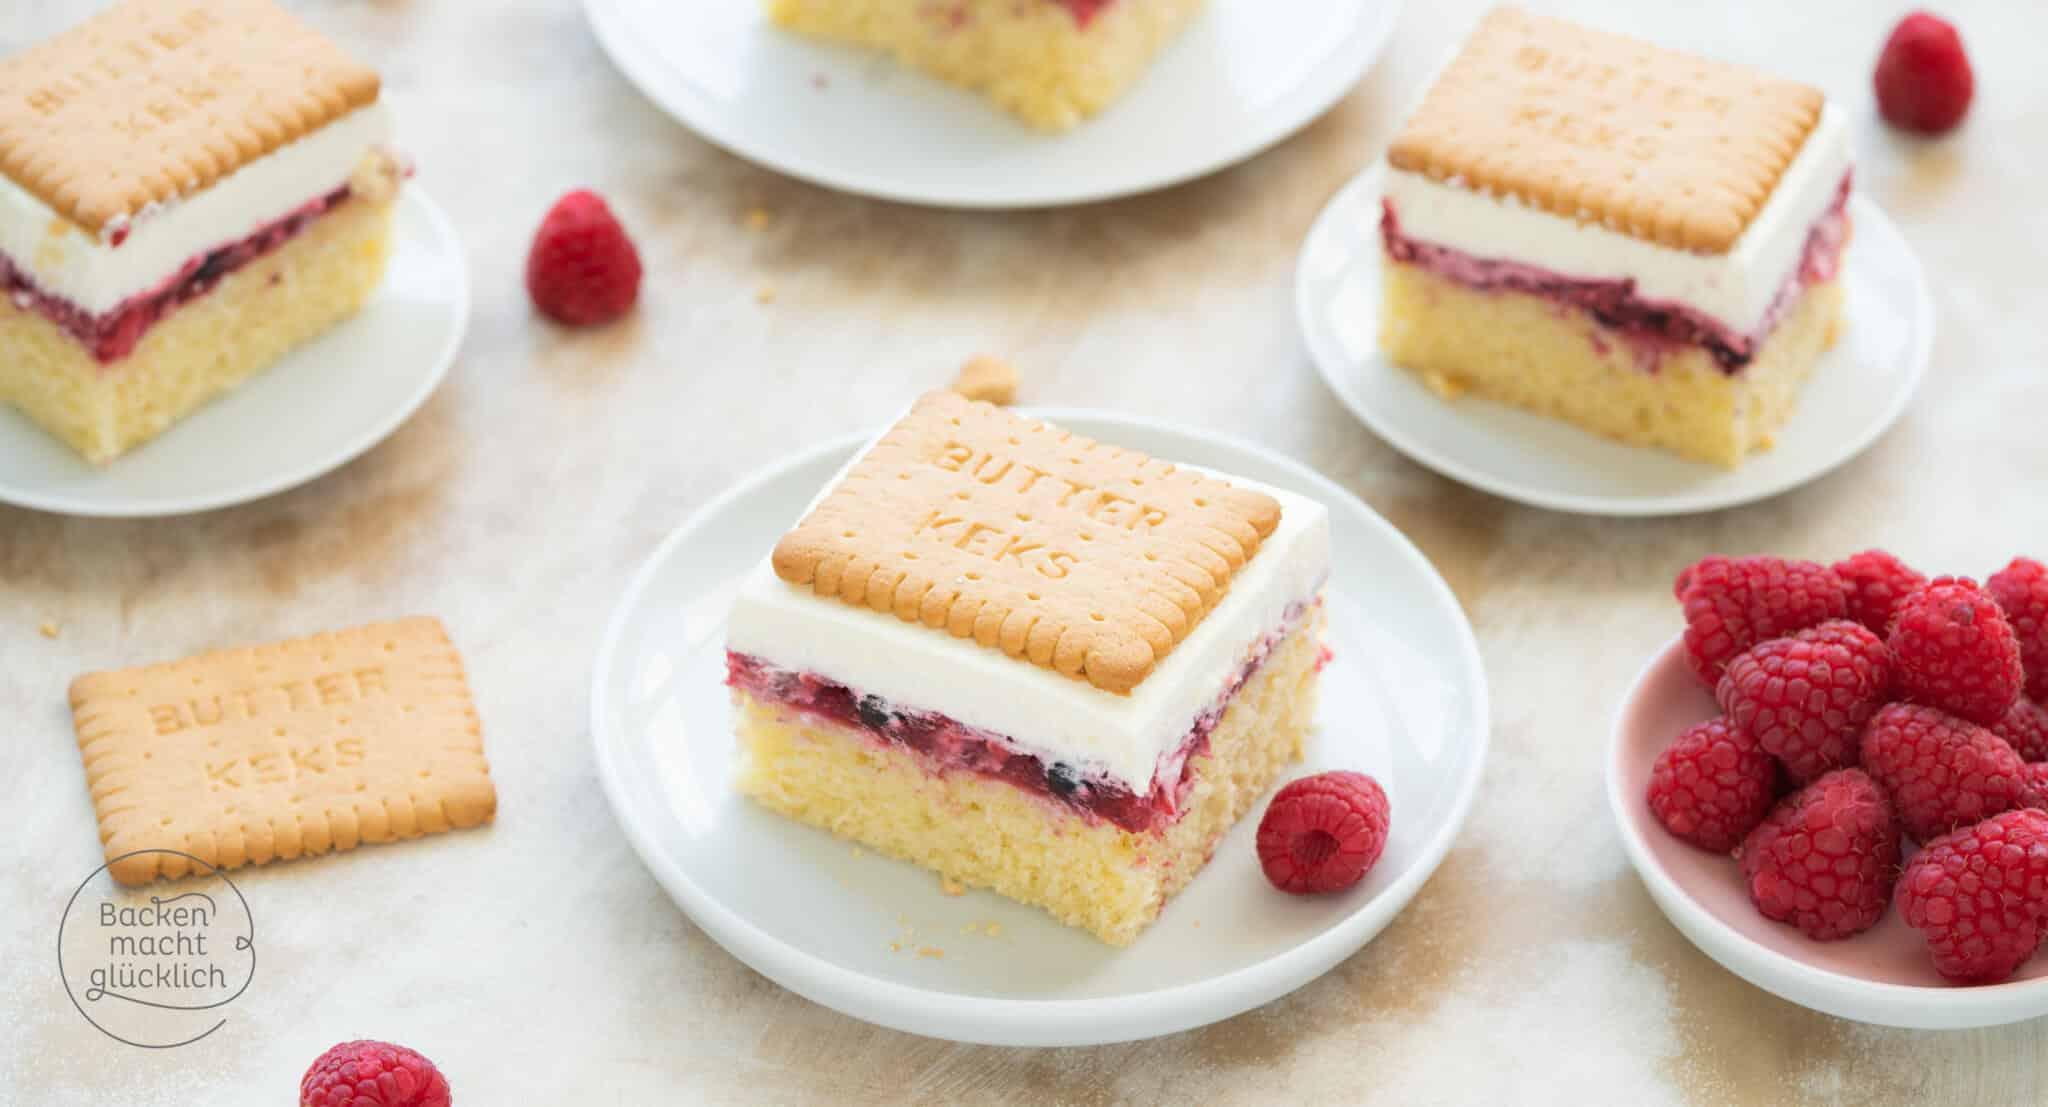 Butterkeks-Kuchen mit Beeren  Backen macht glücklich